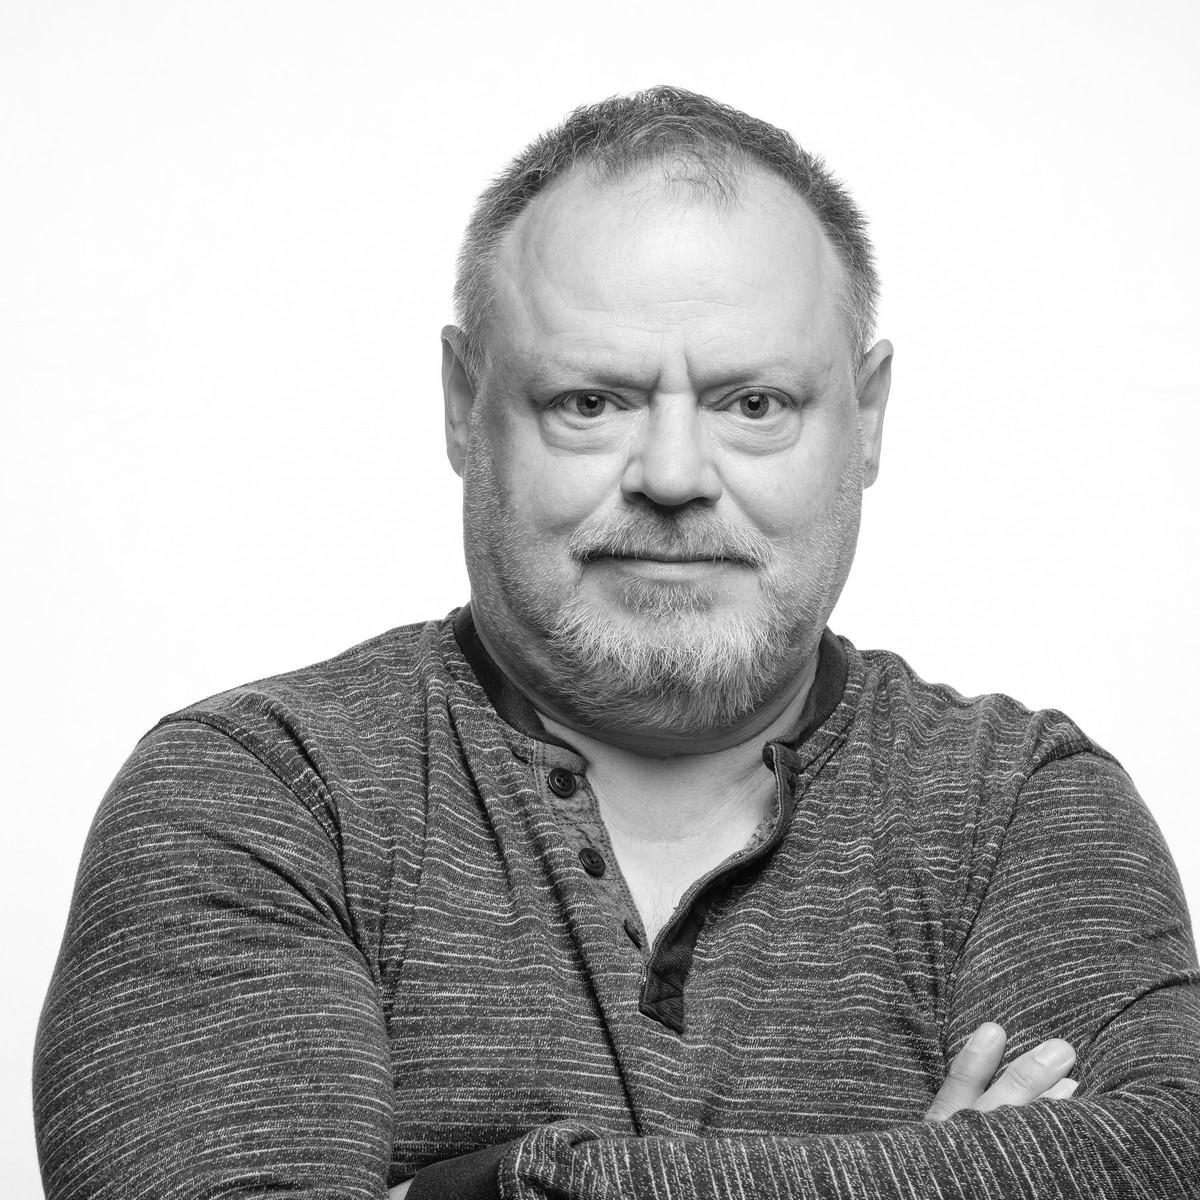 Marek Čillík